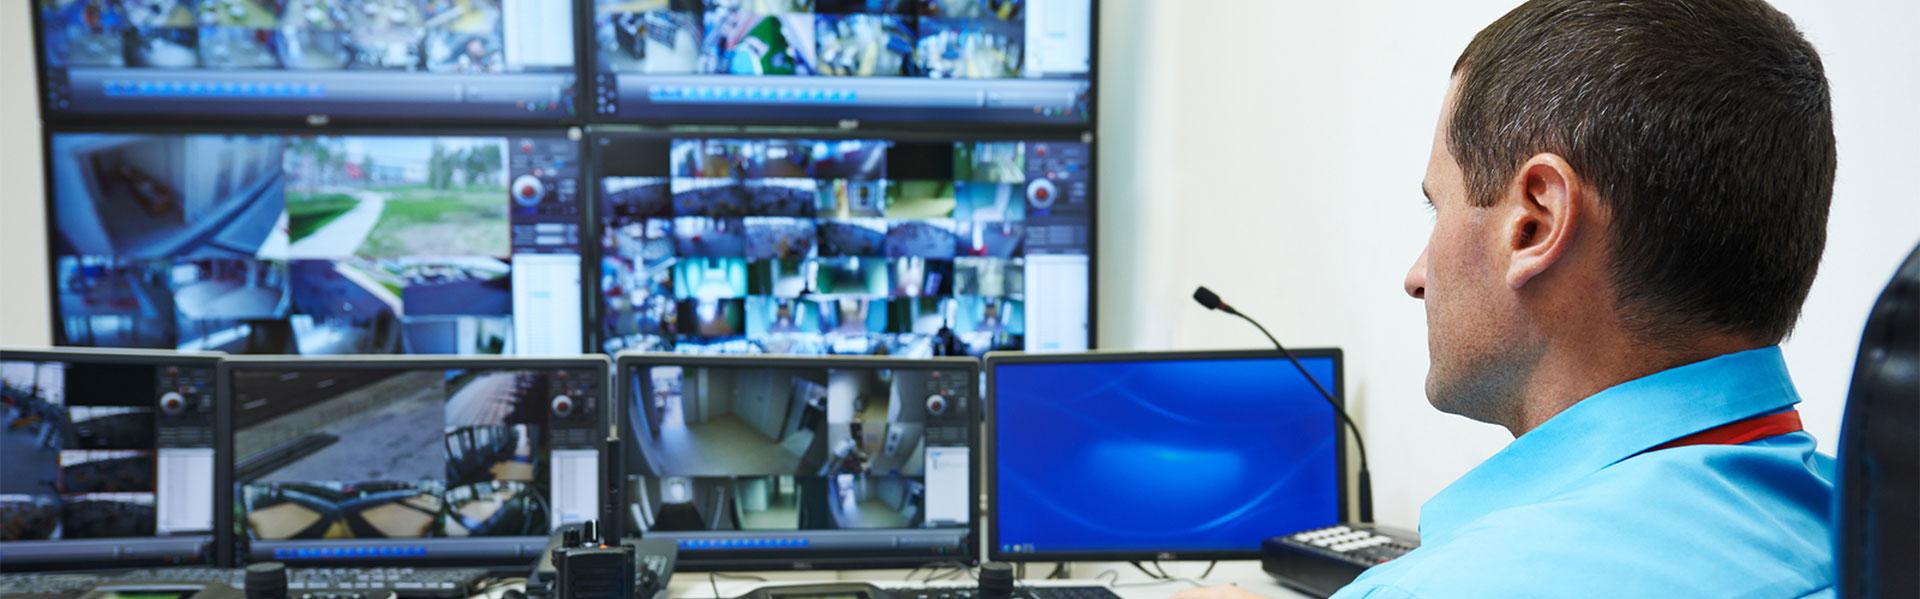 Беспроводное IP видео слежения